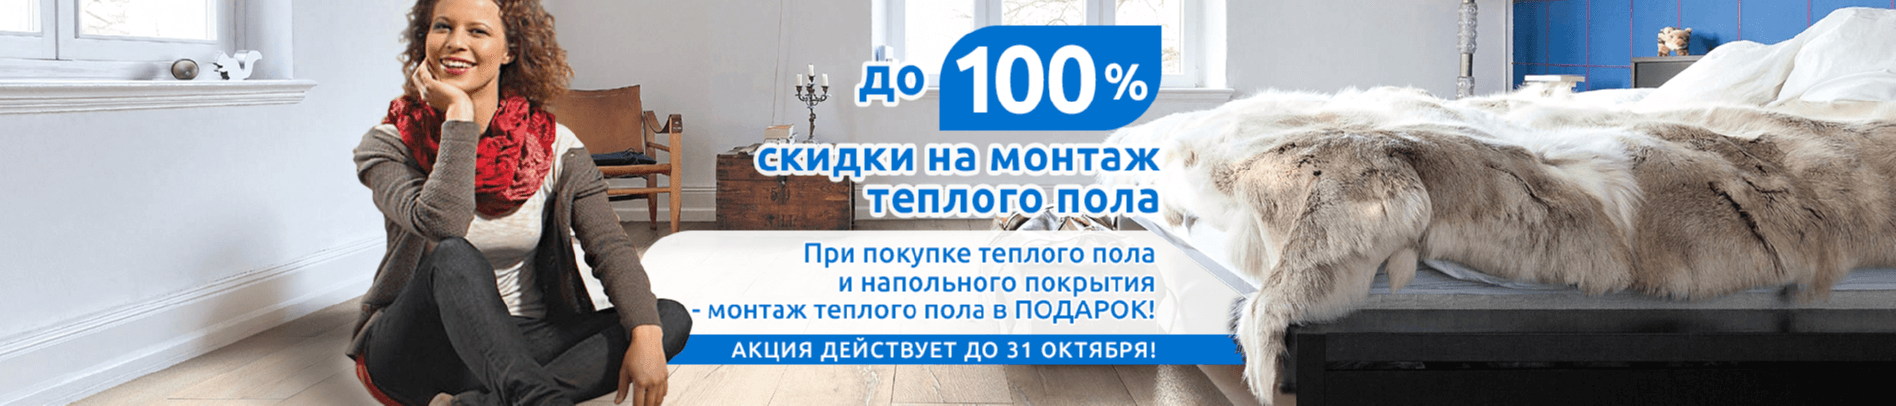 Акция до 31 октября - до 100% скидки на монтаж теплого пола!